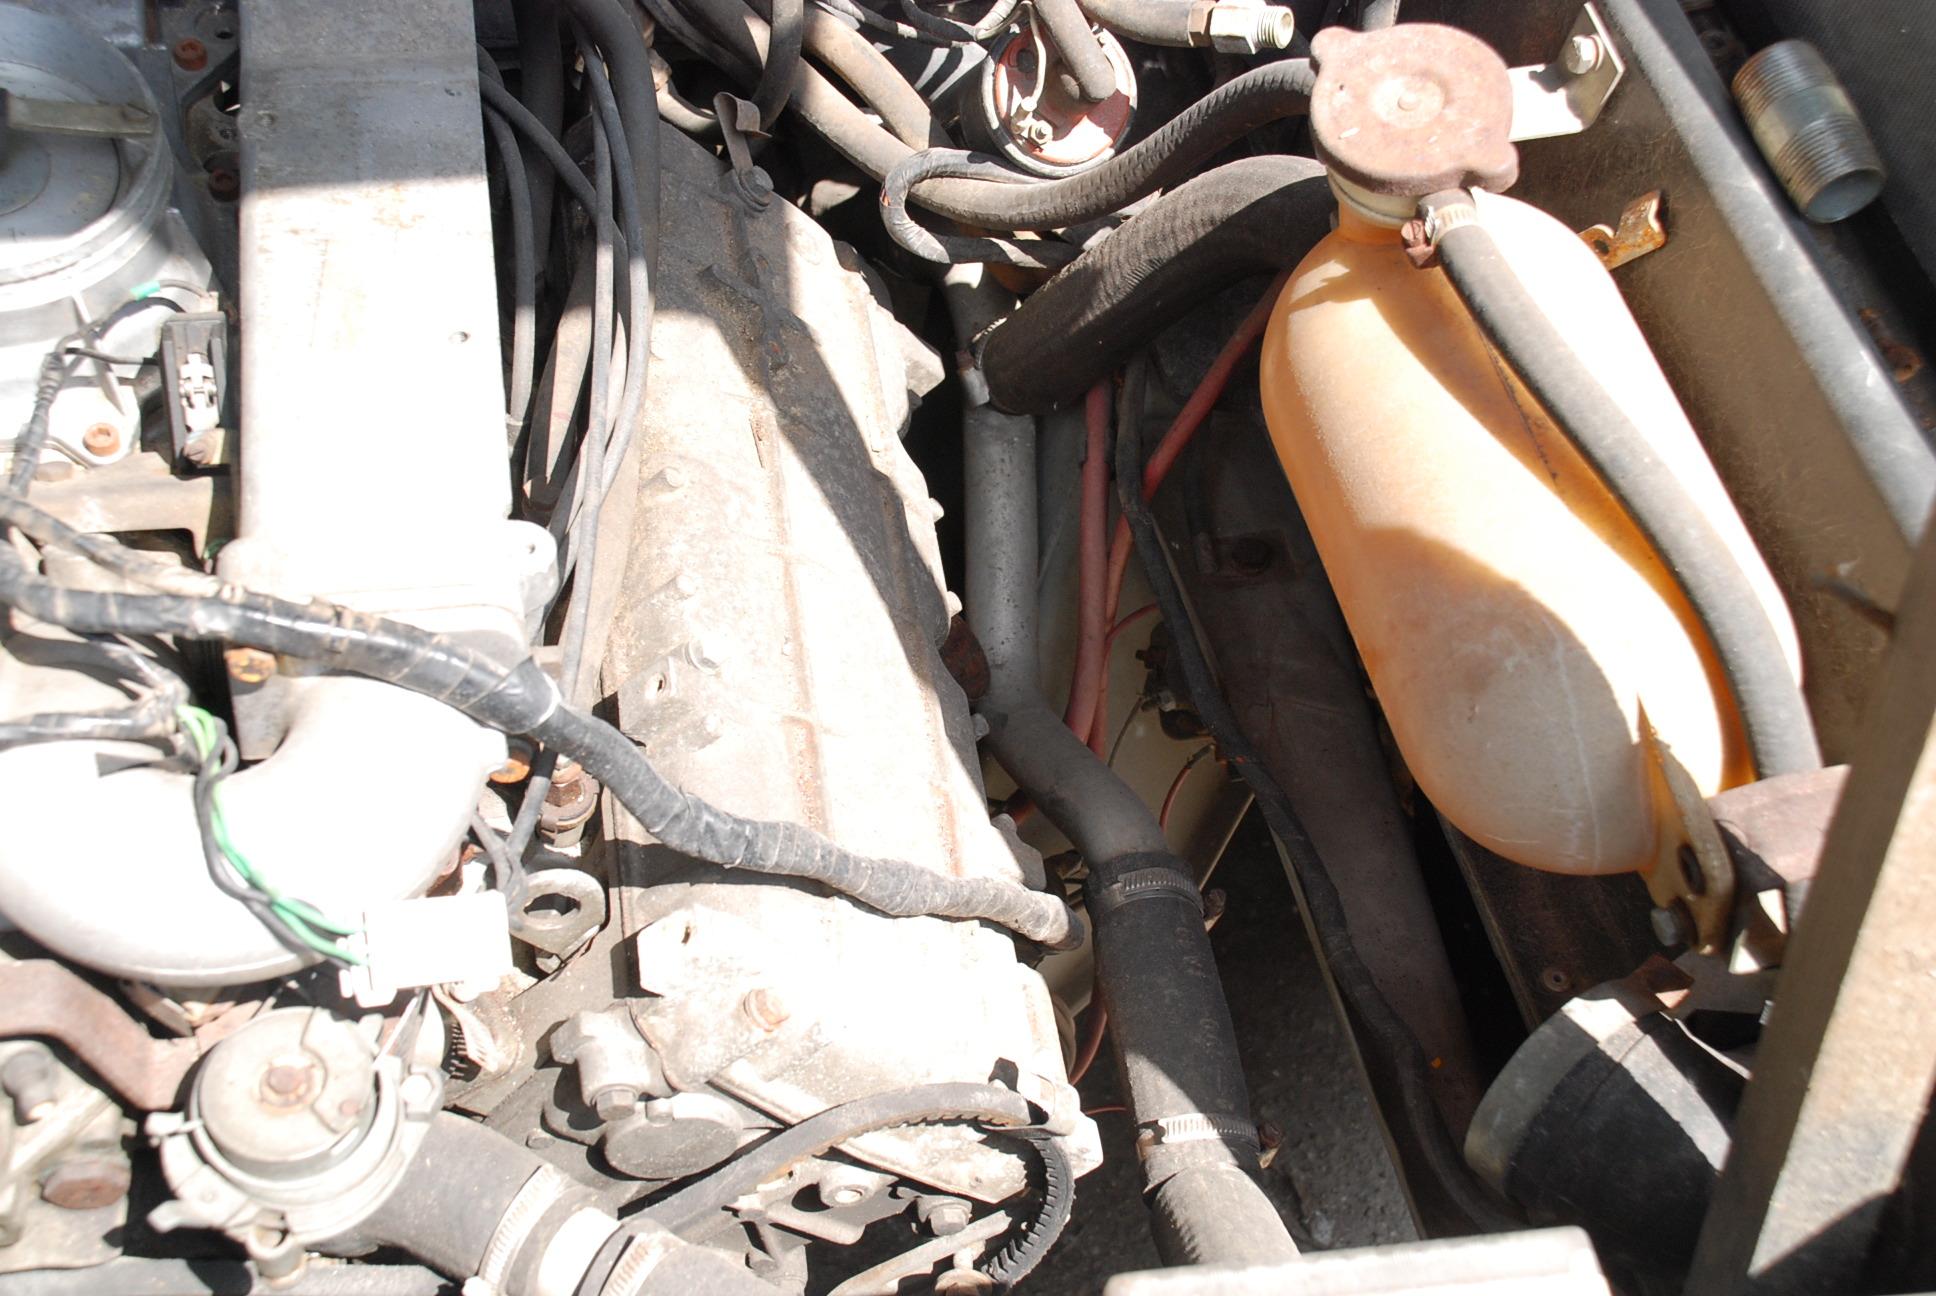 Motor ... már ami maradt belőle.